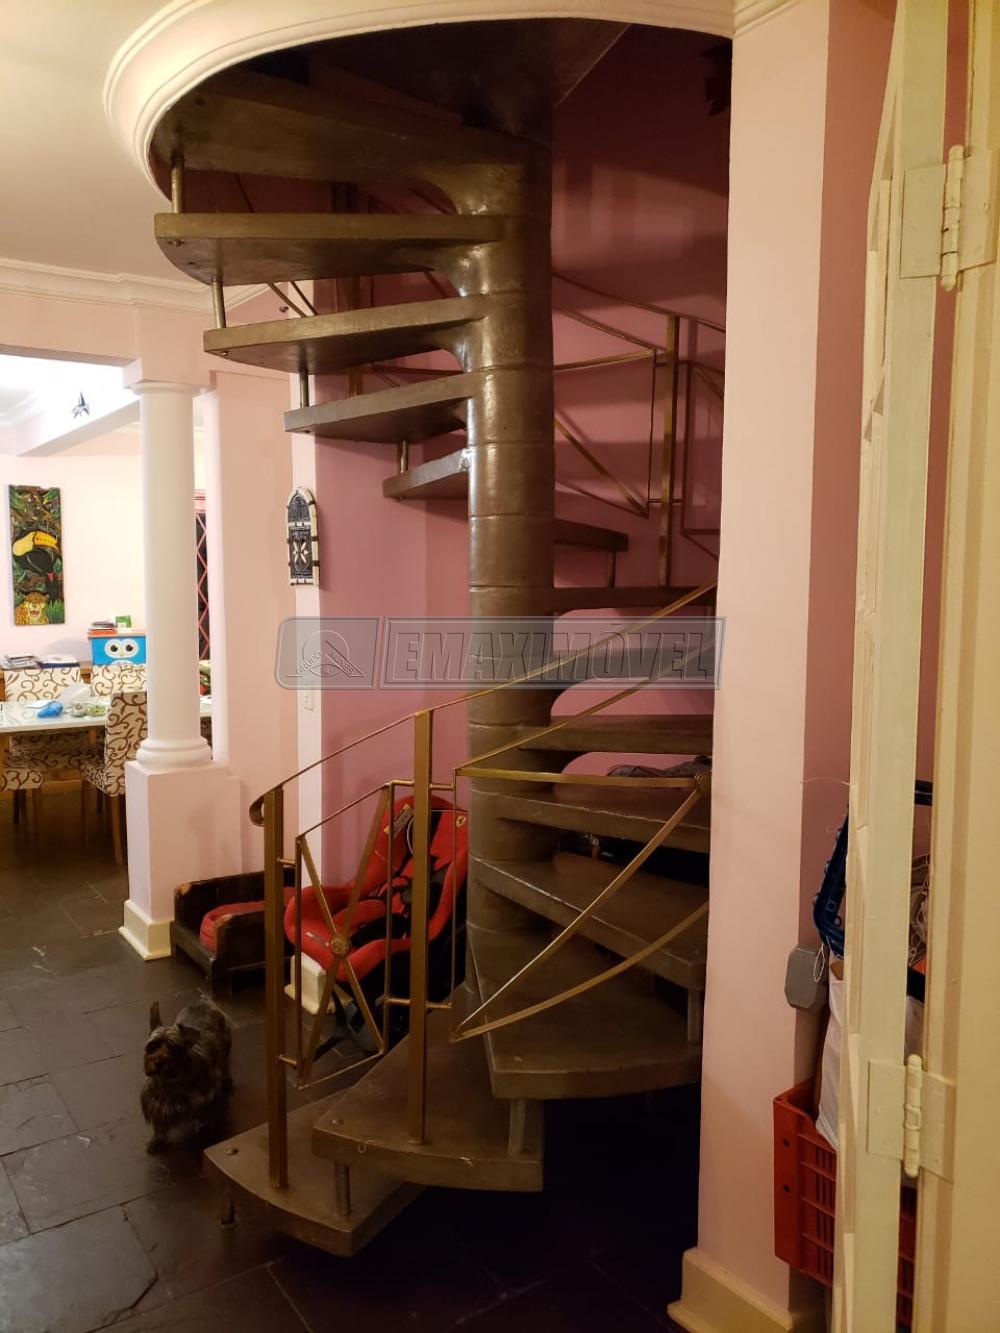 Comprar Casas / em Bairros em Sorocaba apenas R$ 830.000,00 - Foto 13